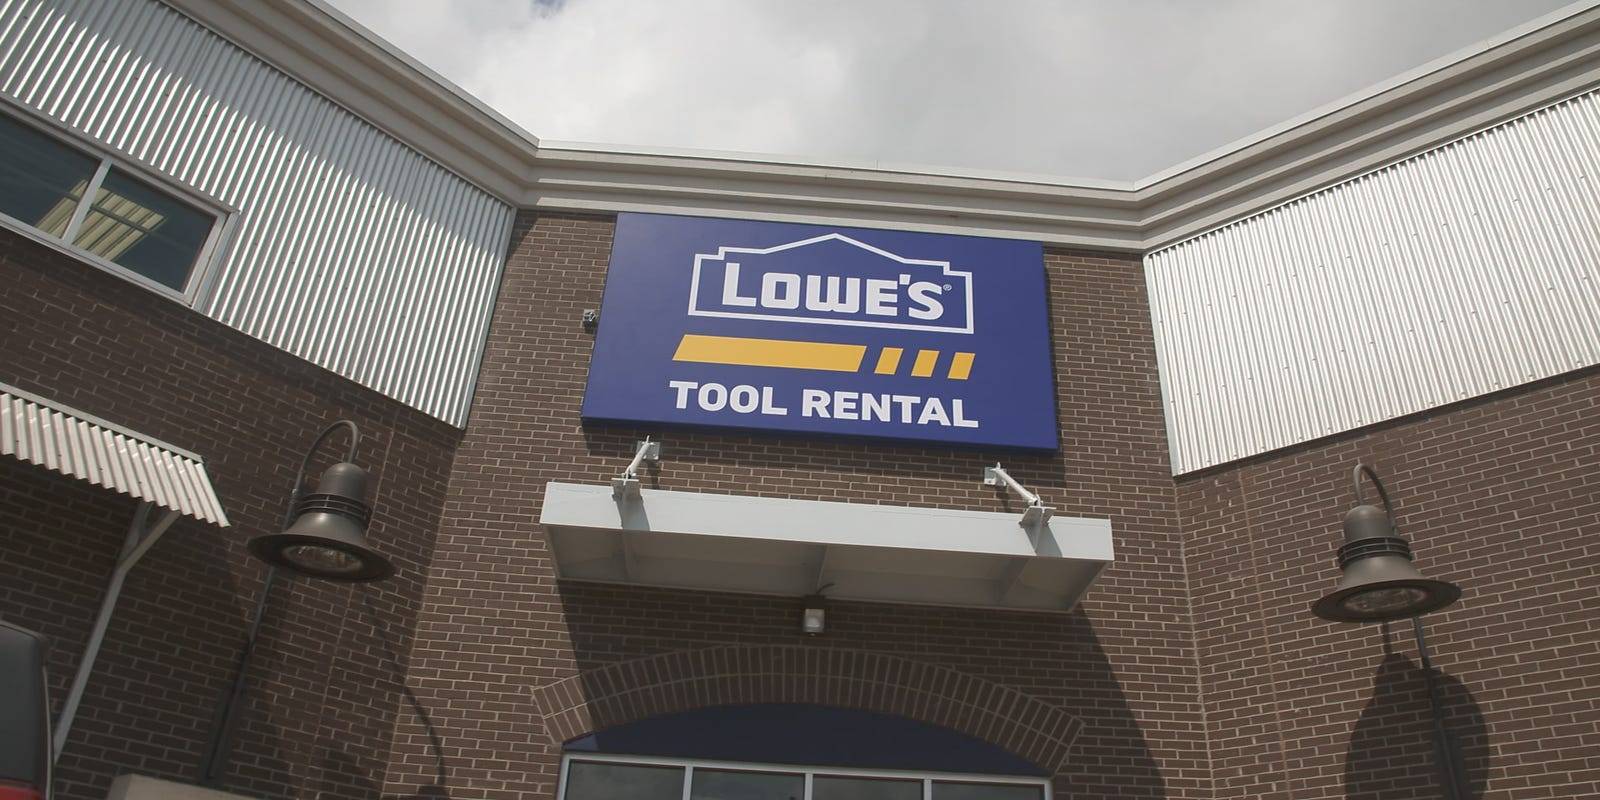 lowe's tool rental